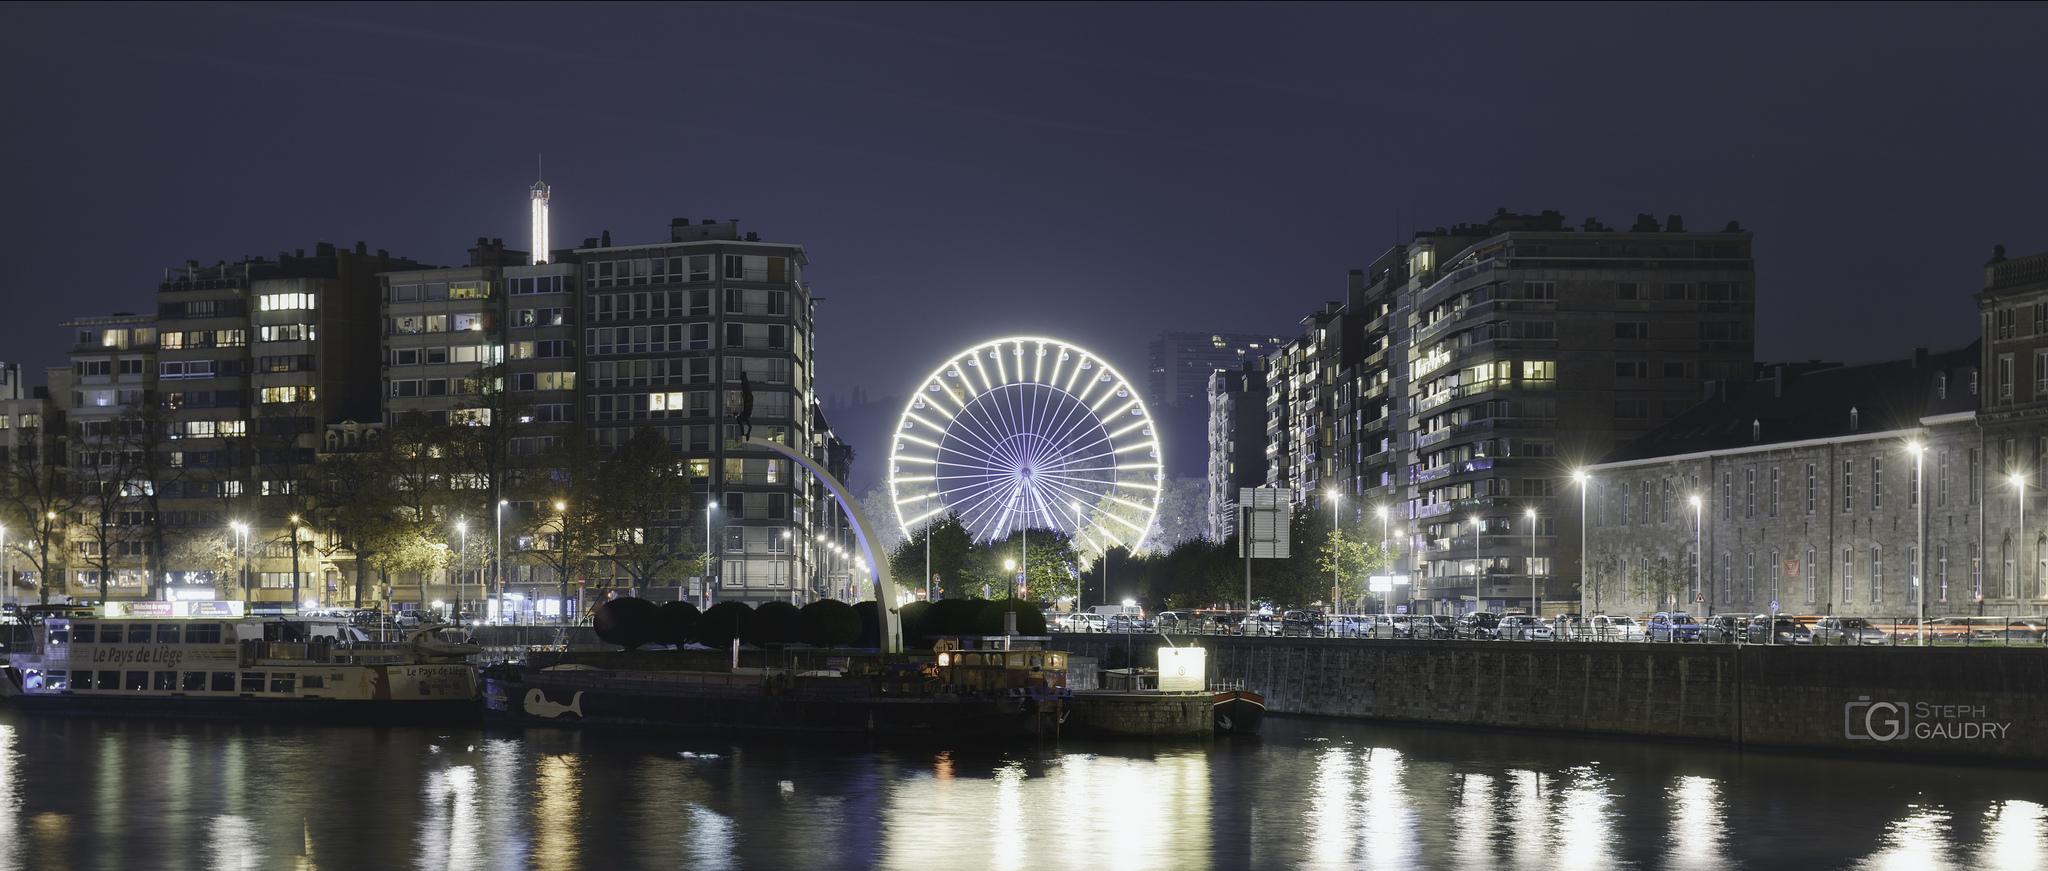 La grande roue de la foire à Liège [Klik om de diavoorstelling te starten]